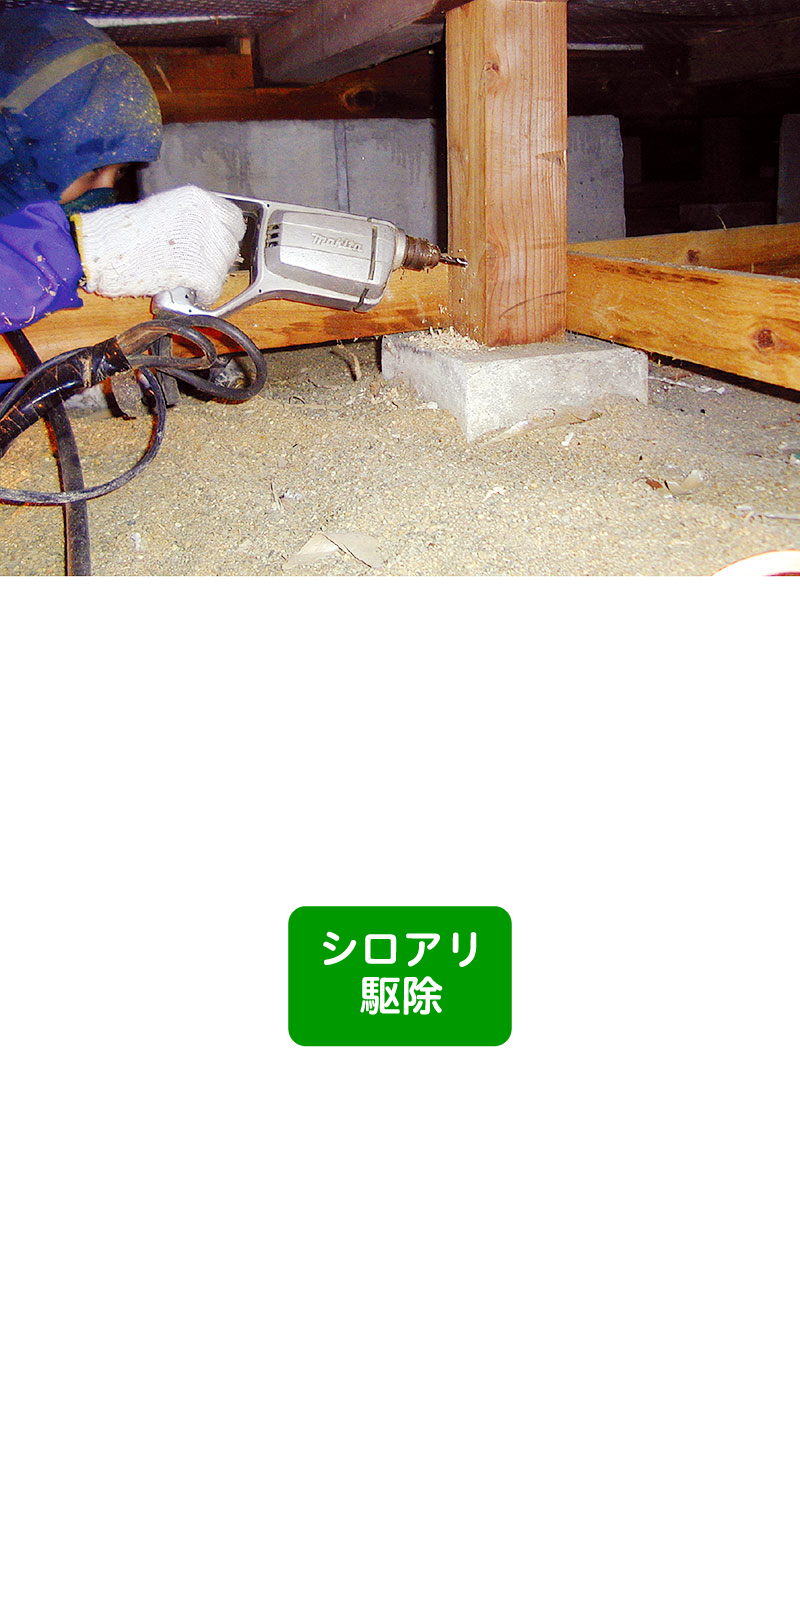 シロアリ撃退コース 79,800円(税込)